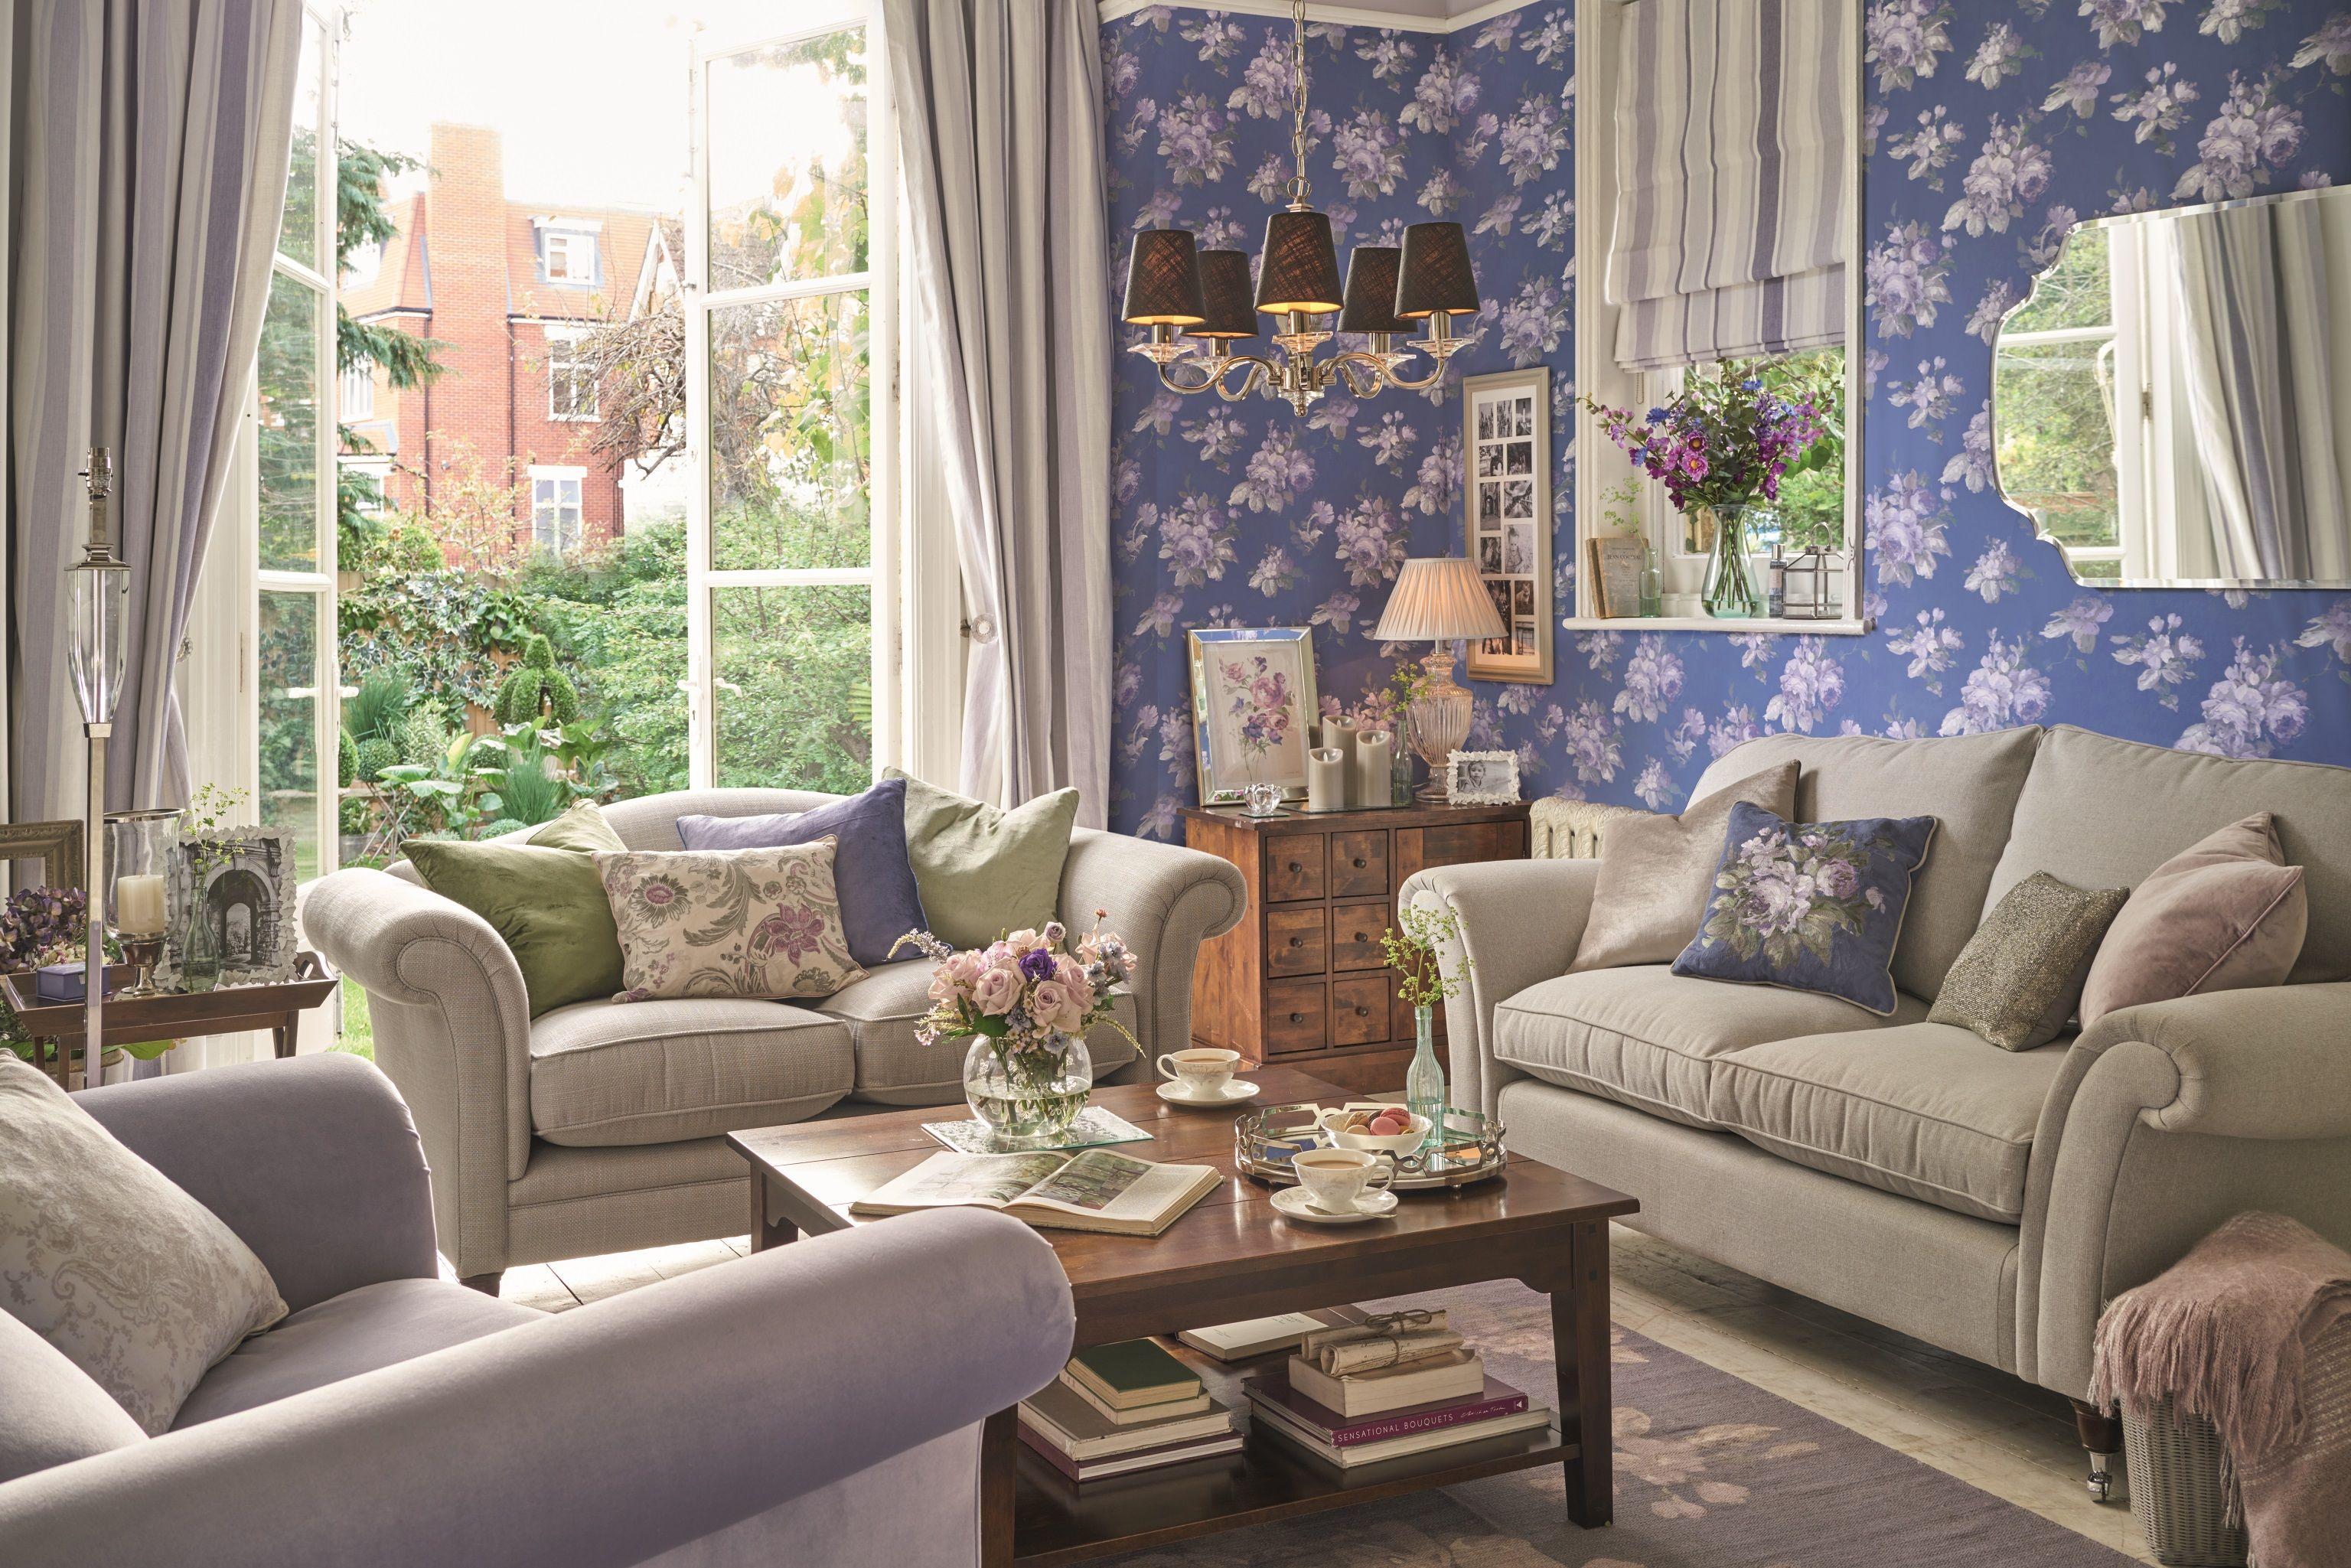 Landhausstil Ideen Für Jedes Zimmer Das Haus Landhaus Möbel Englischer Landhausstil Haus Deko